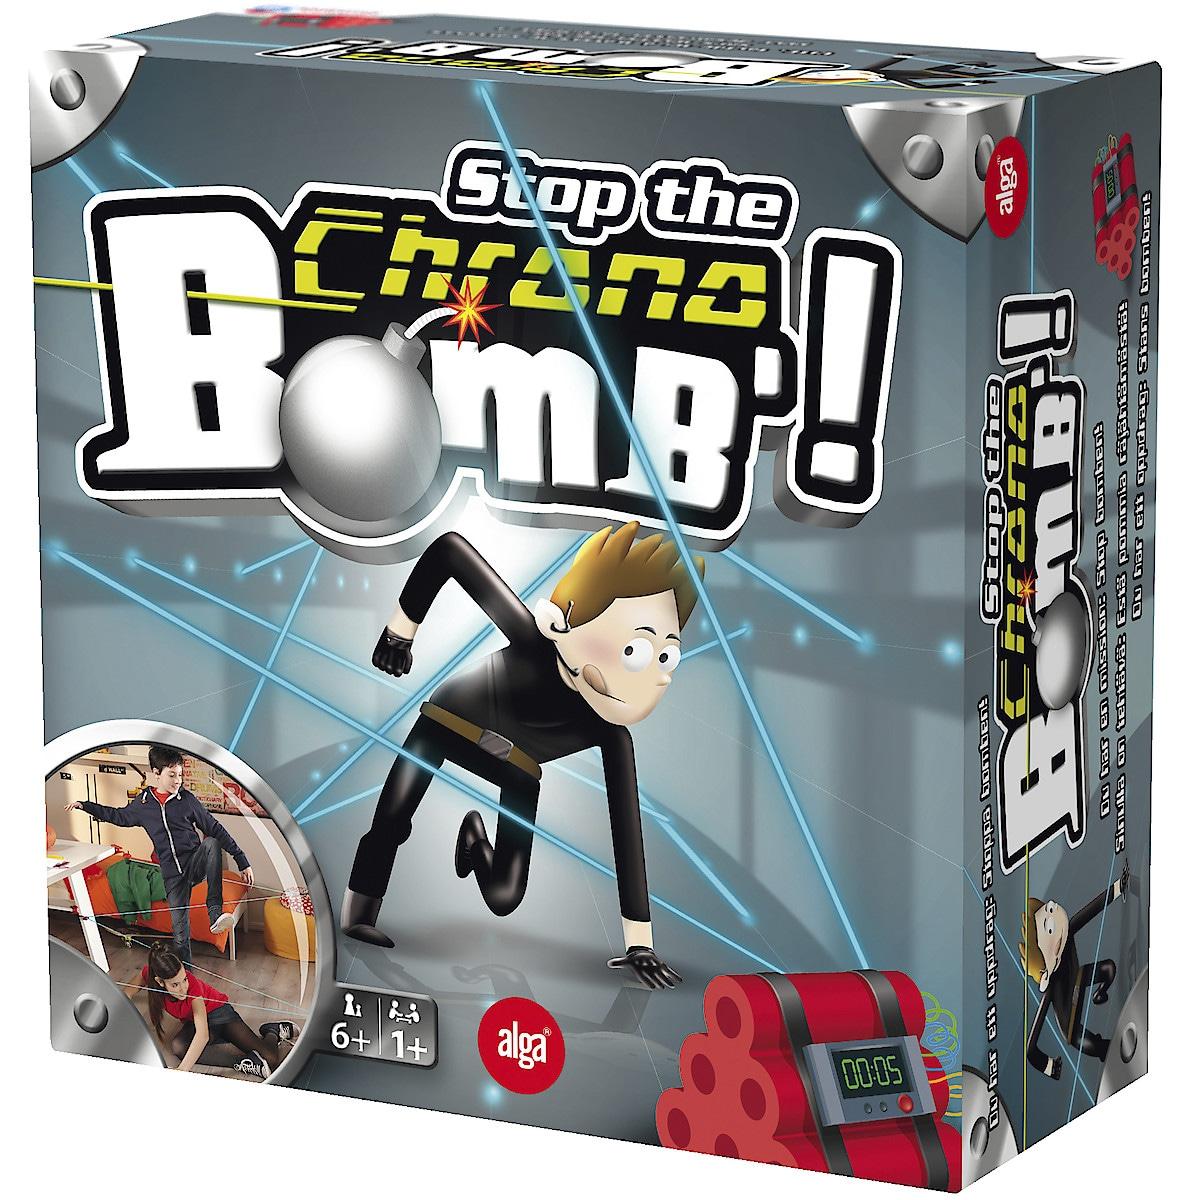 Alga Stop the Chrono Bomb